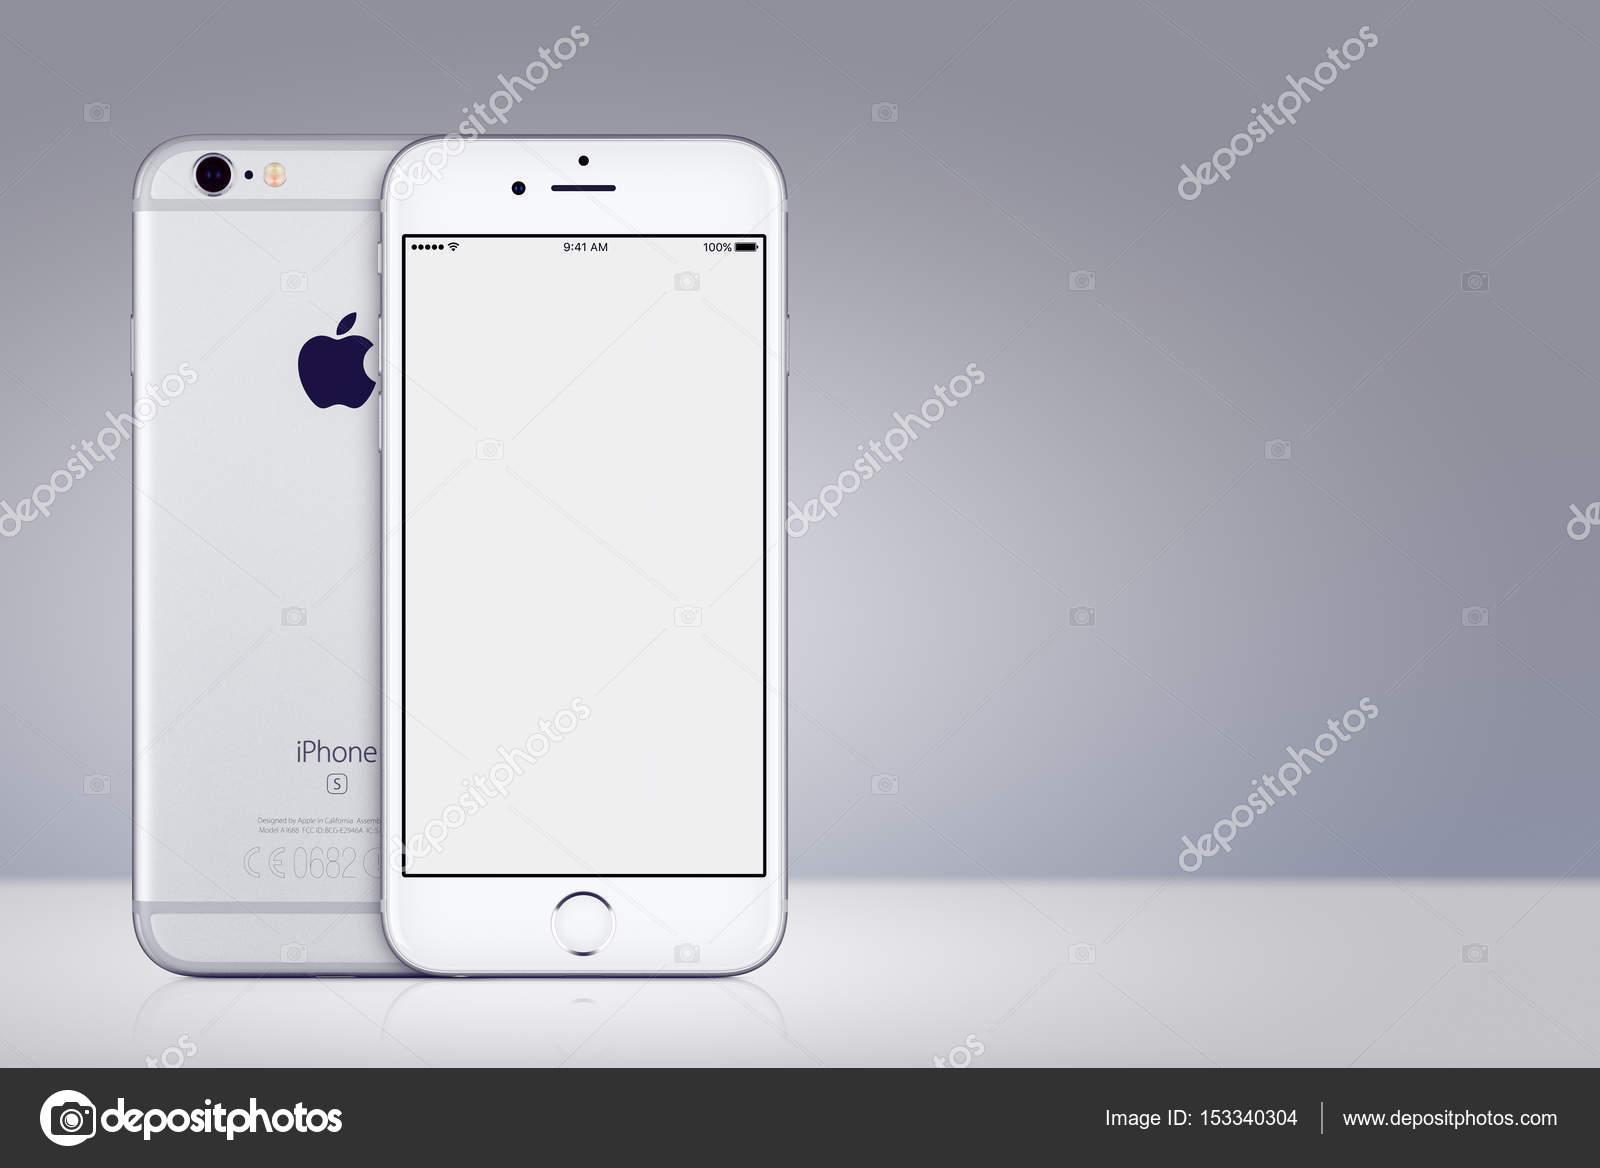 Mockup Di Iphone 7 Apple Argento Fronte E Retro Su Sfondo Grigio Con